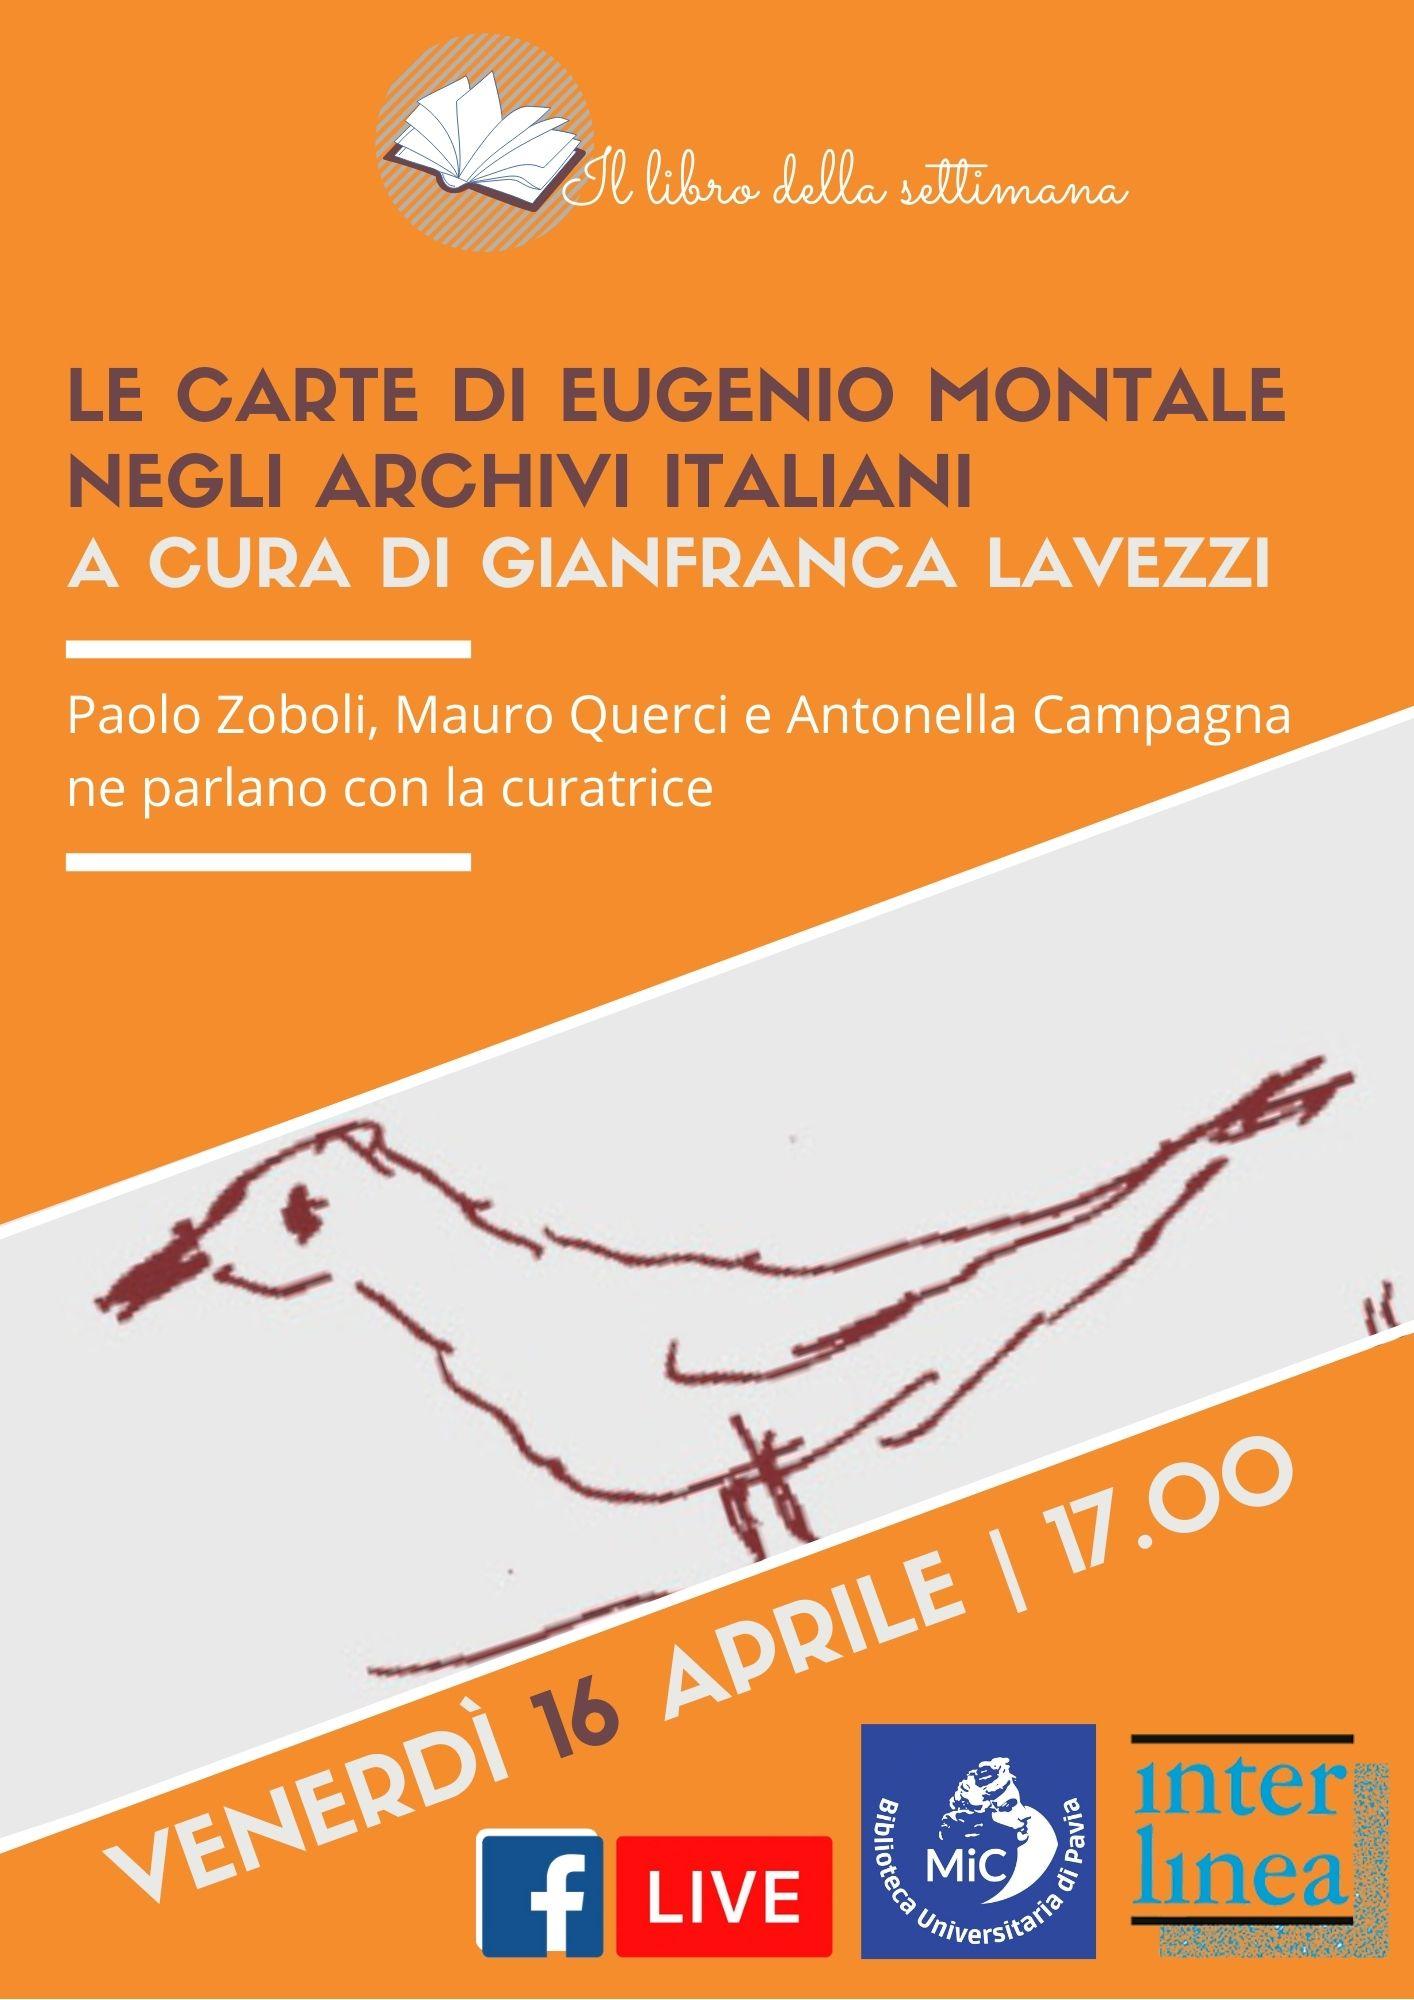 Le carte di Eugenio Montale negli archivi italiani, a cura di Gianfranca Lavezzi